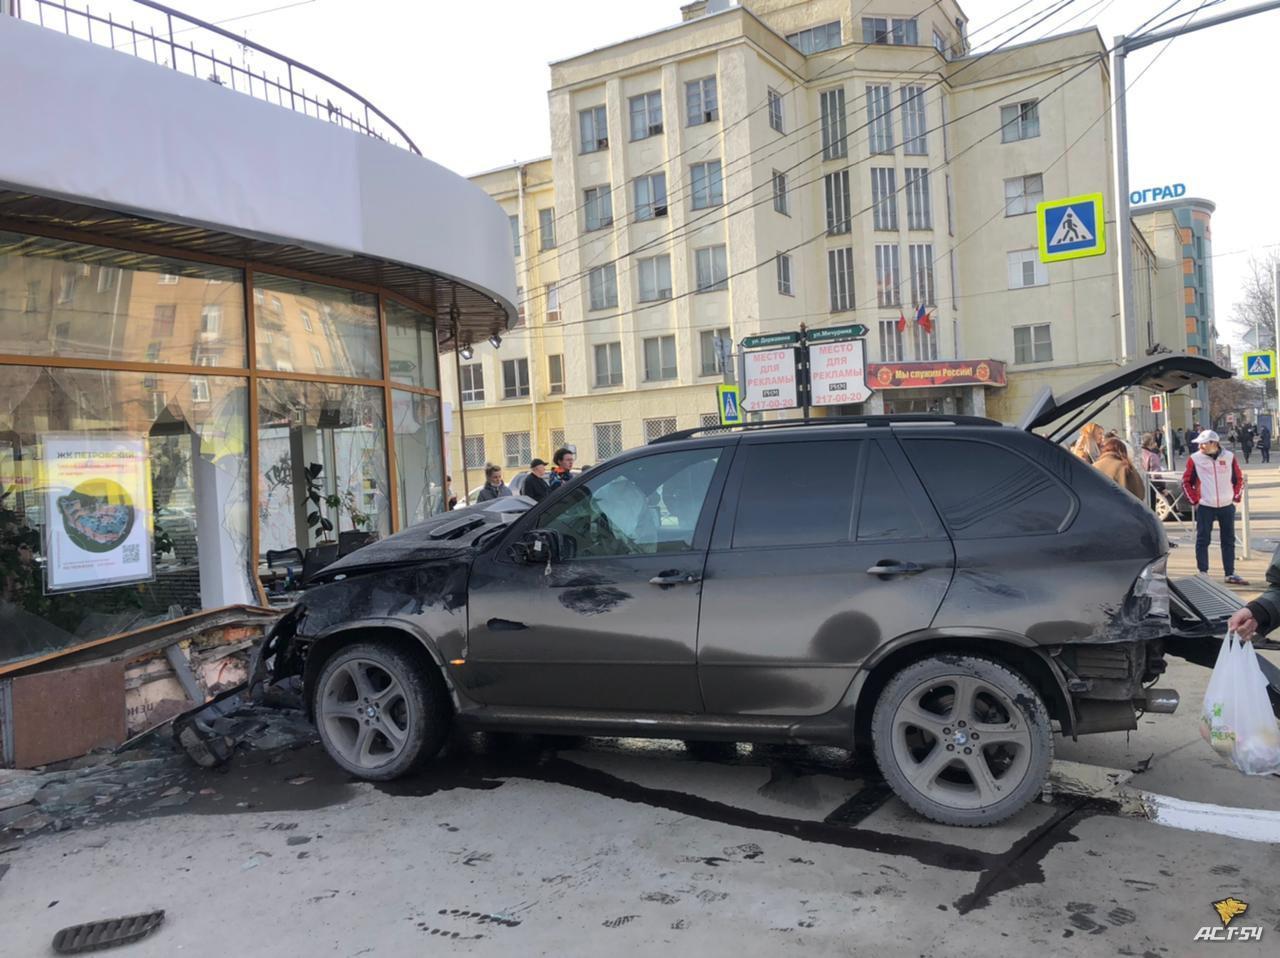 фото BMW X5 сбил пешеходов и врезался в здание в центре Новосибирска 2